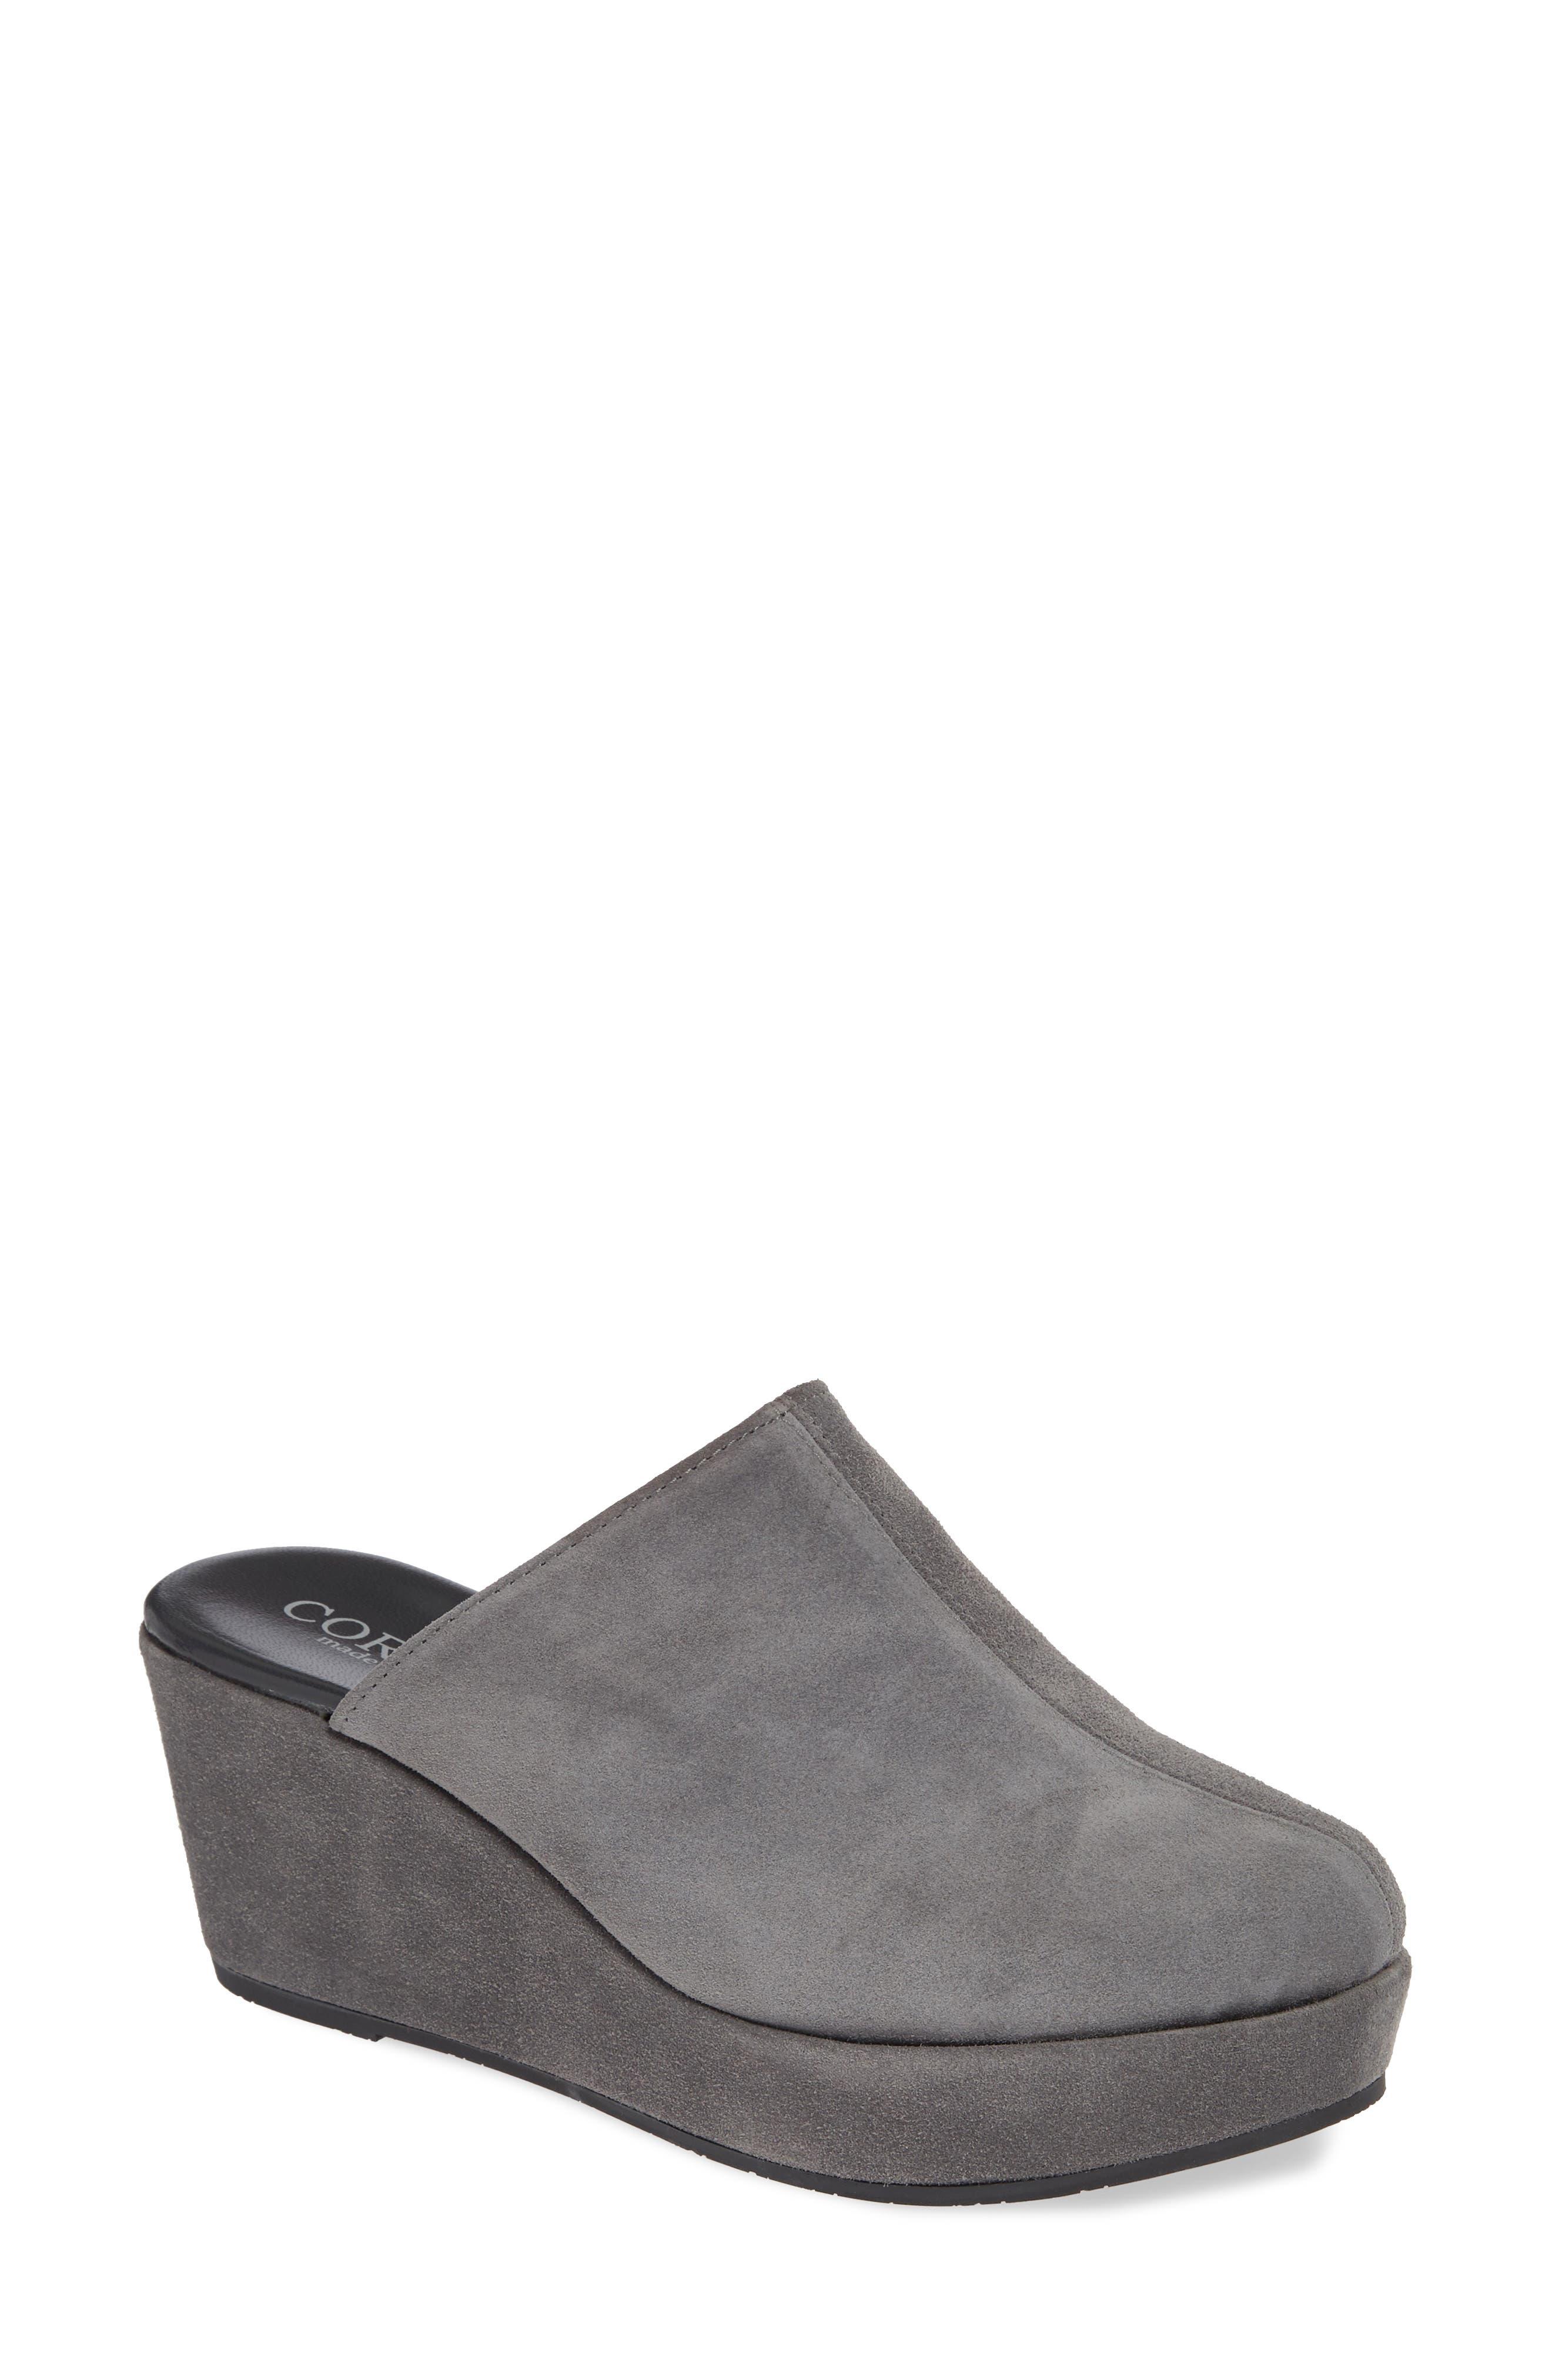 Cordani Darma Wedge Mule - Grey